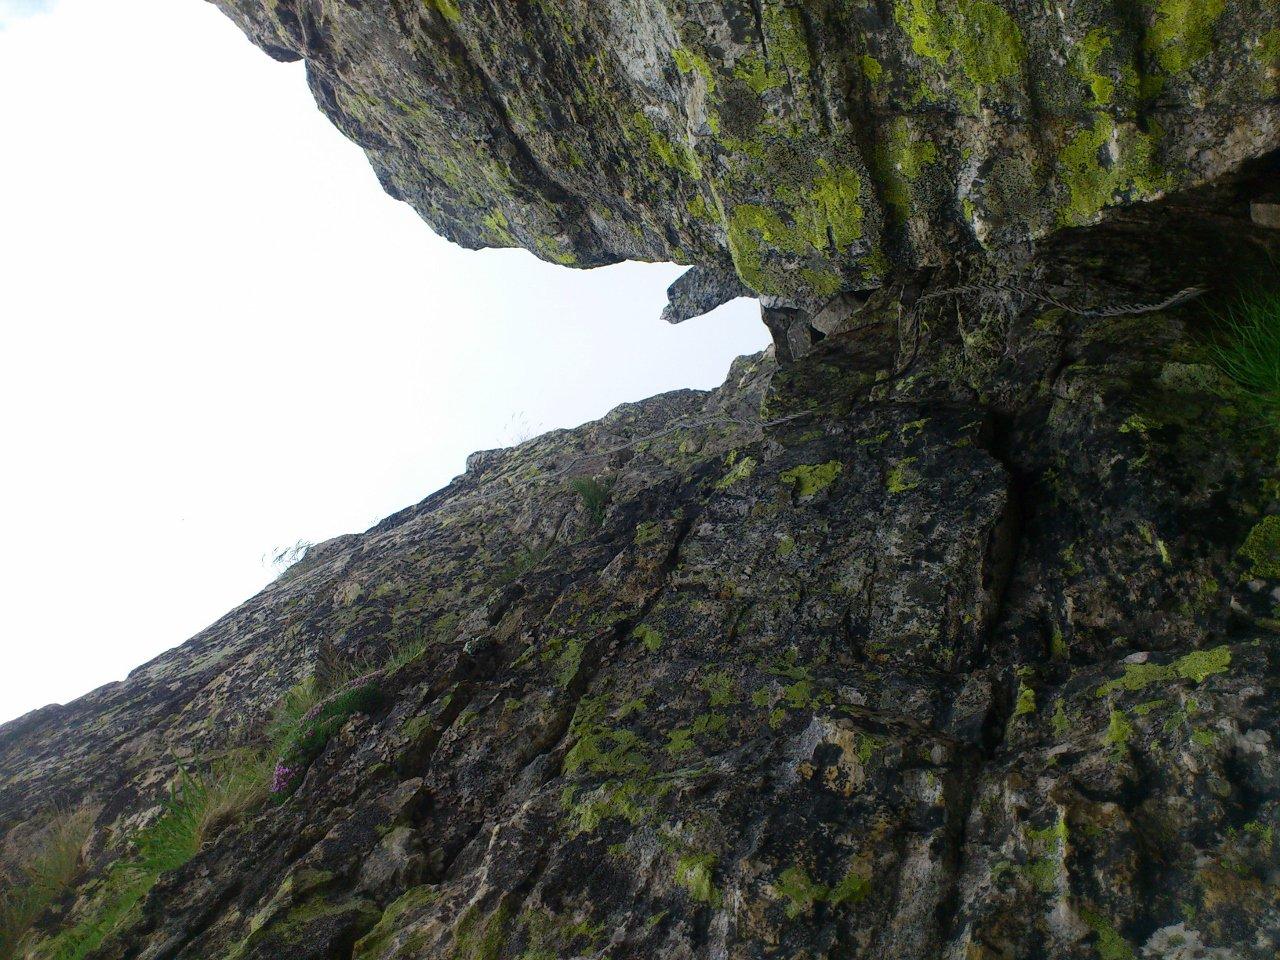 passaggio sulla roccia/placca attrezzata con cavo metallico (utile)